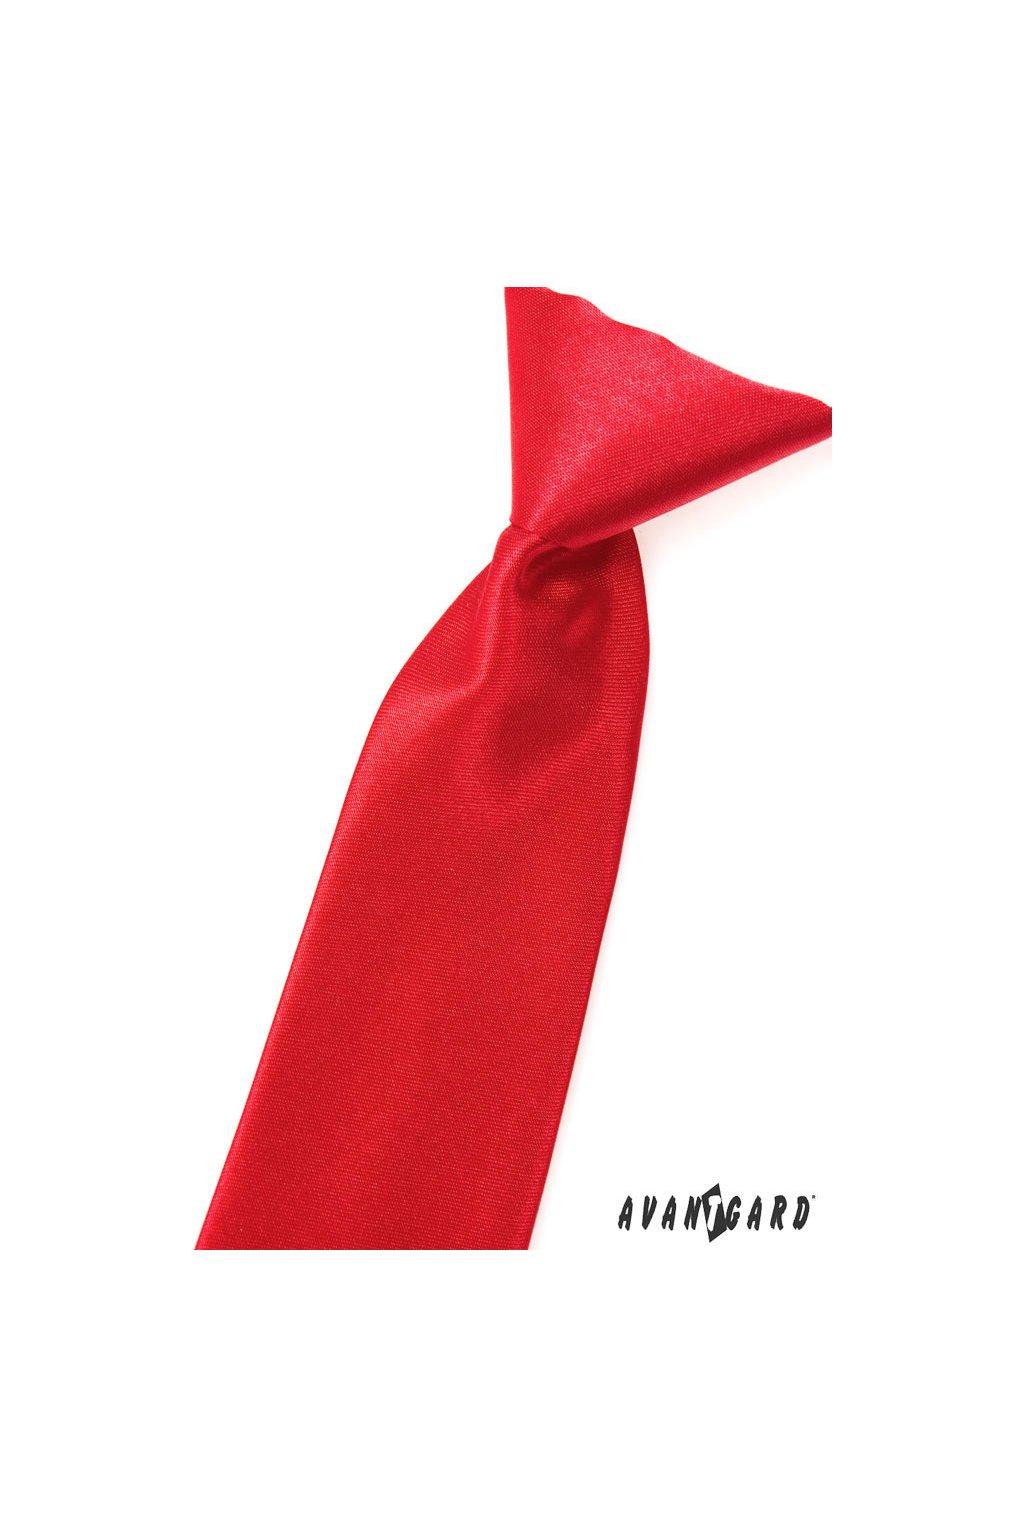 Chlapecká kravata červená 558 - 758